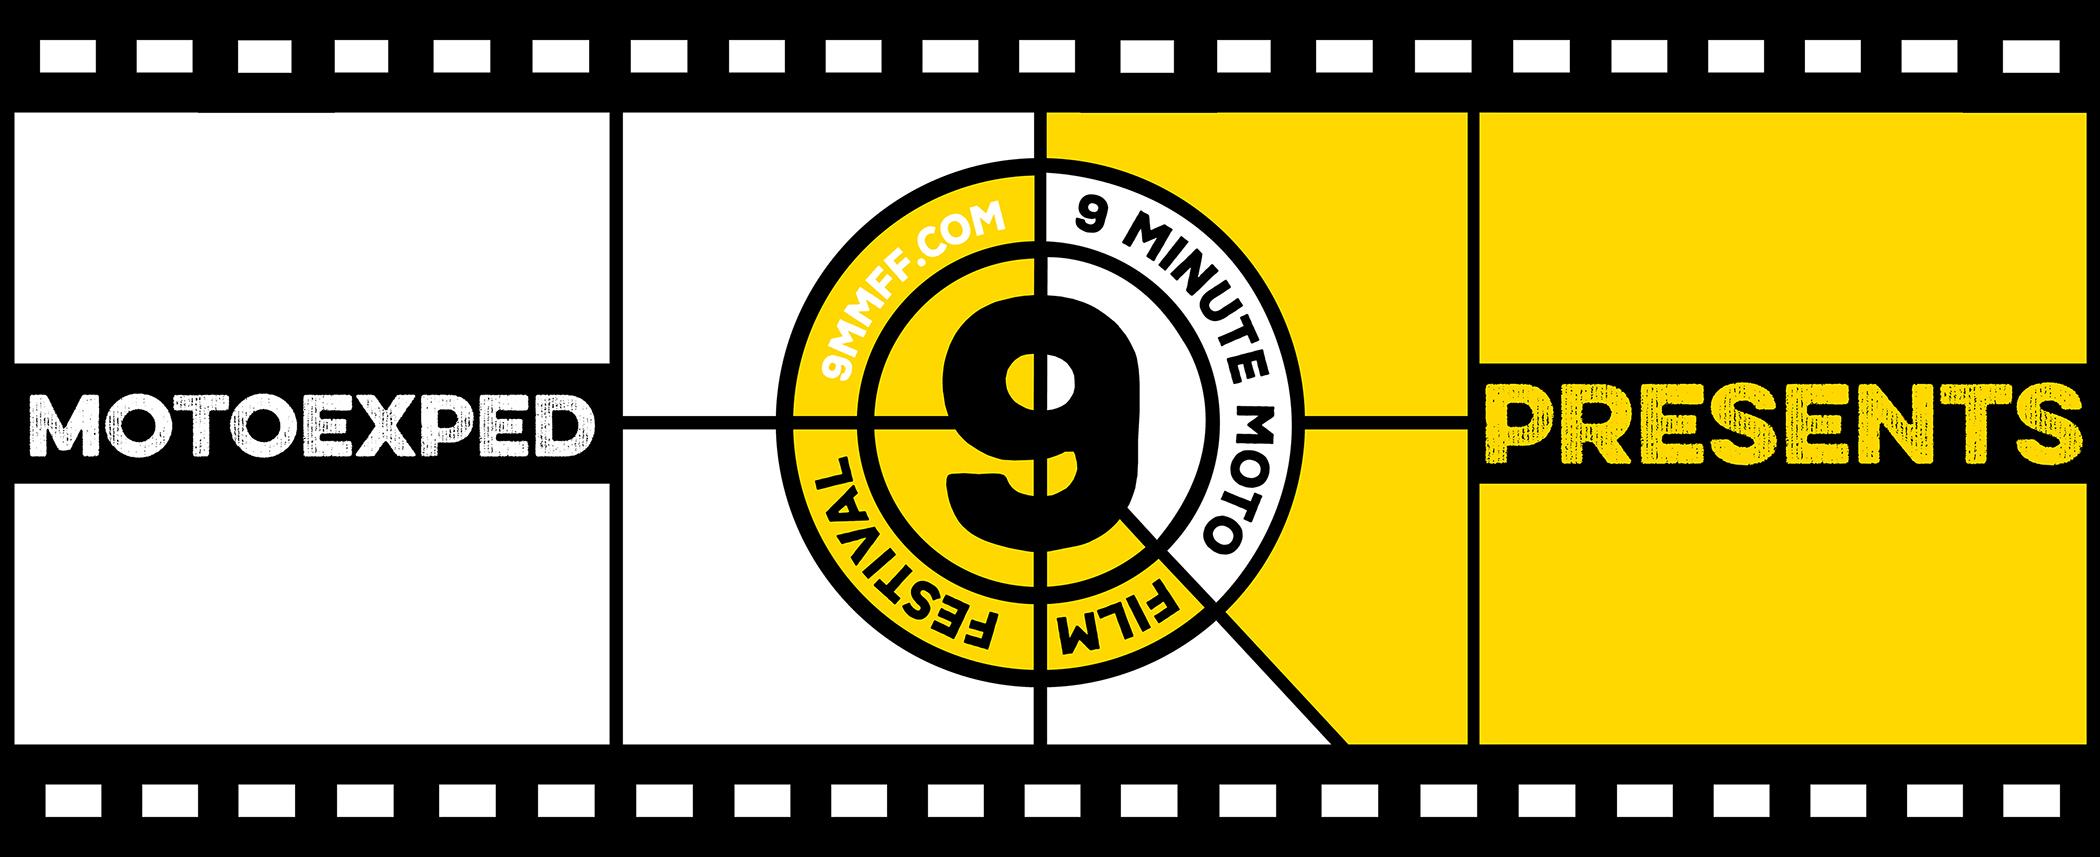 9mmff-Moto-Film-Festival-Nevil-Stow